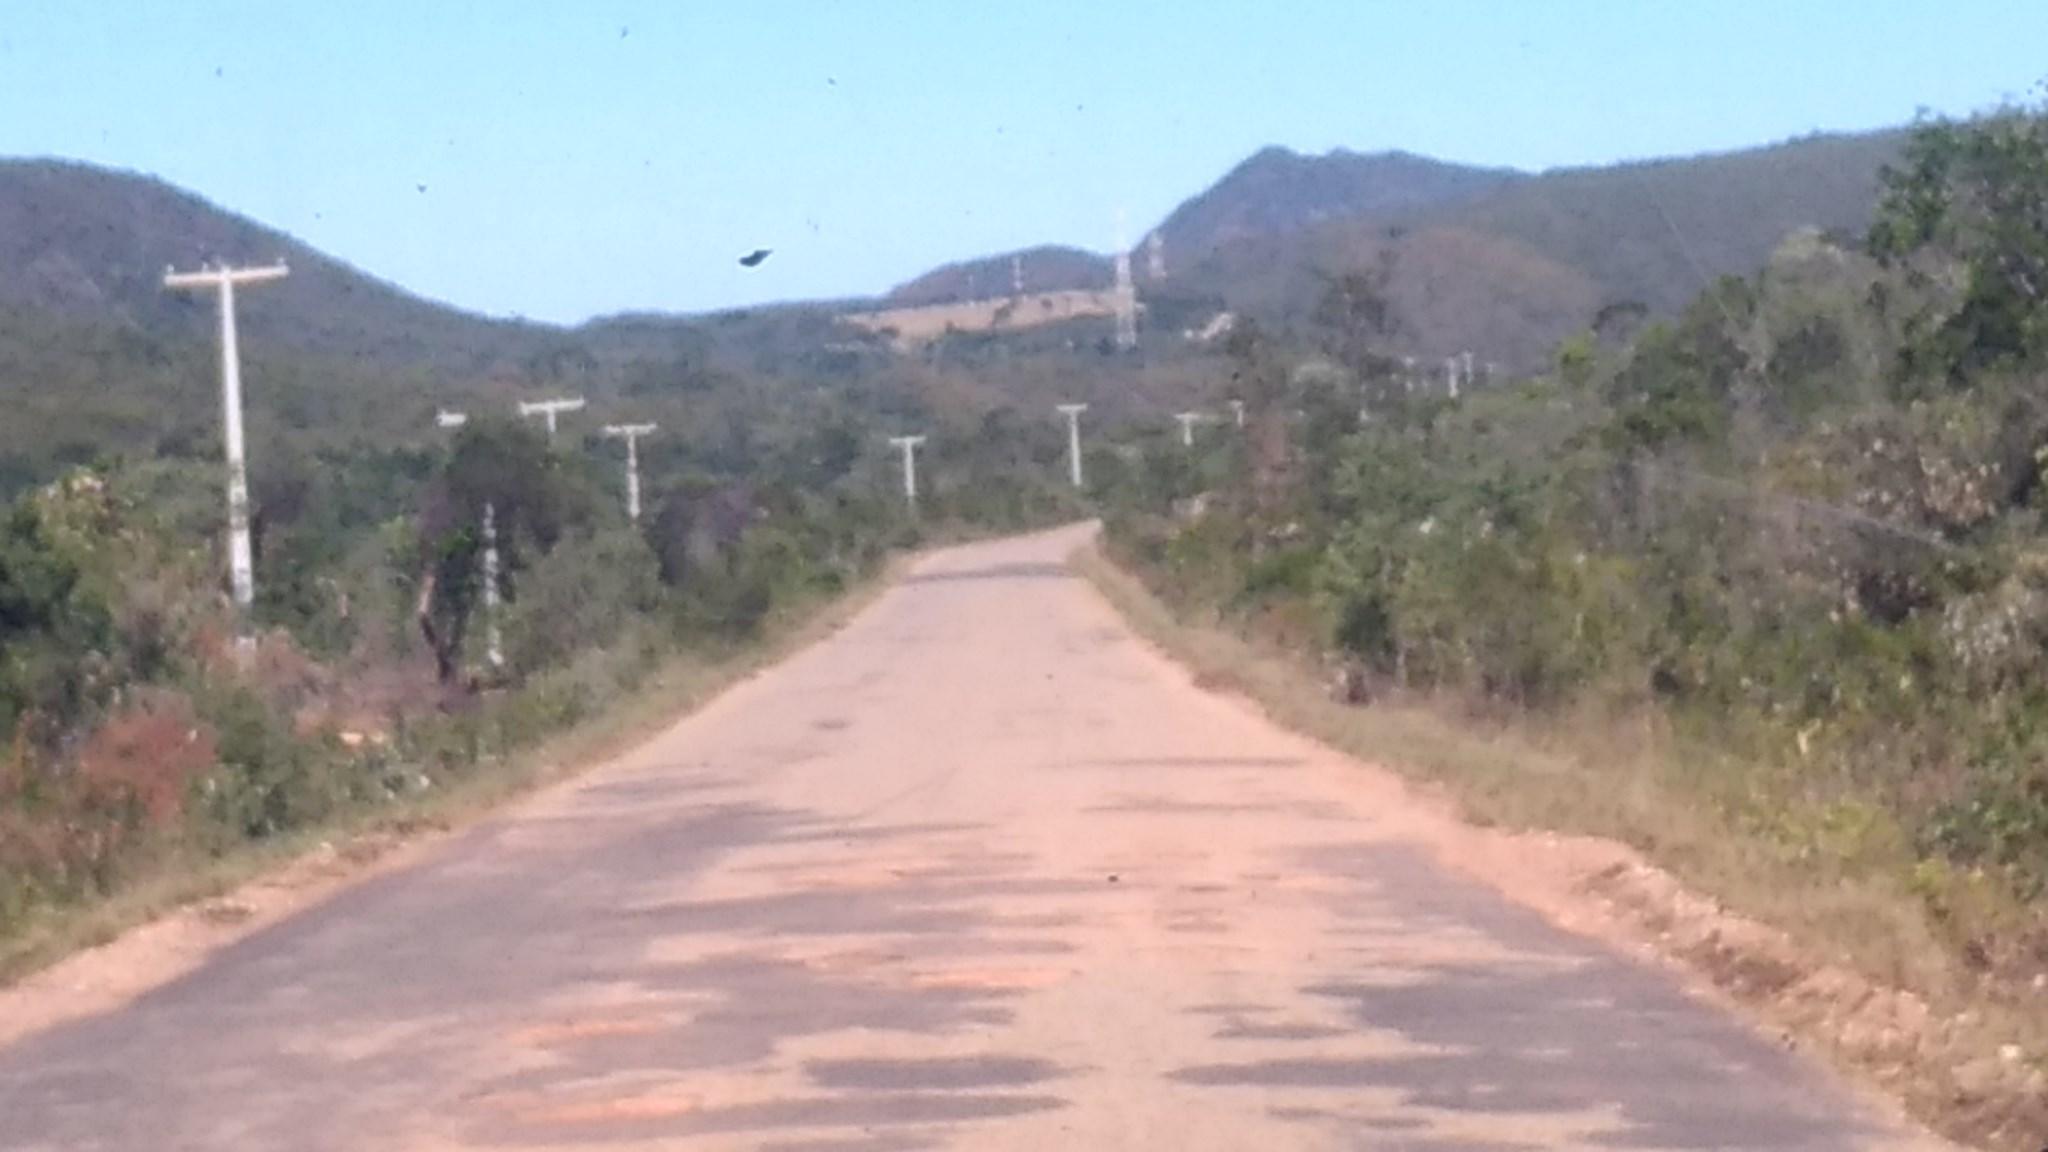 Fotos-uit-de-regio-van-Ibitiara-en-Seabra-aan-de-grote-BR-242-101